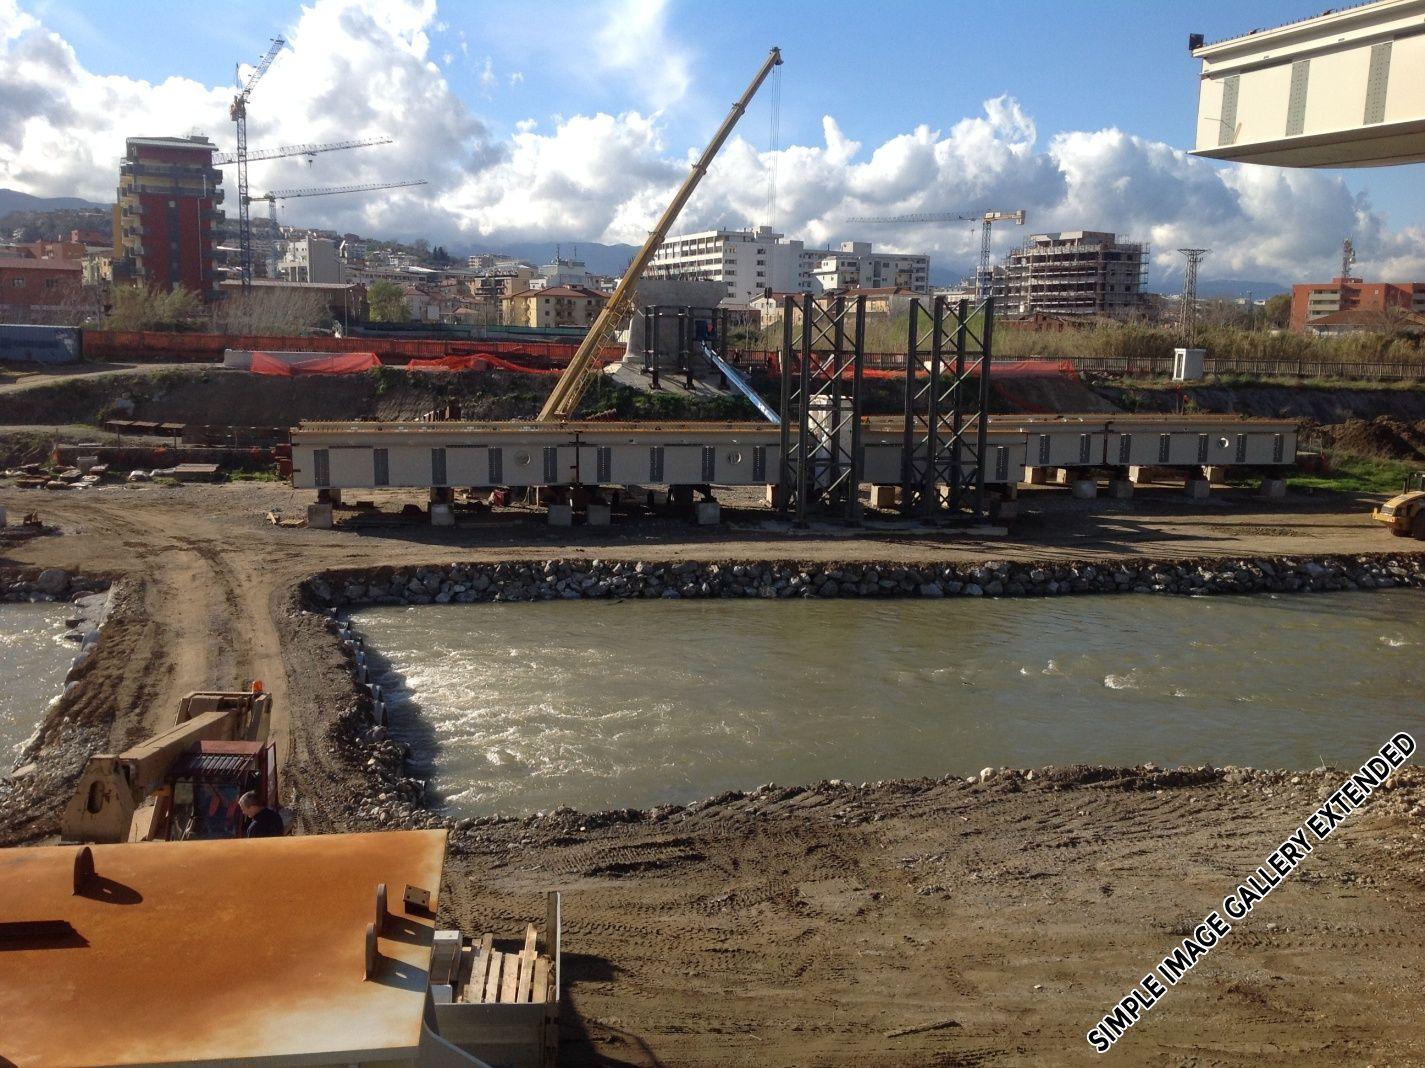 Lavori di costruzione di un nuovo ponte su fiume crati for Costruzione di un pollaio su ruote